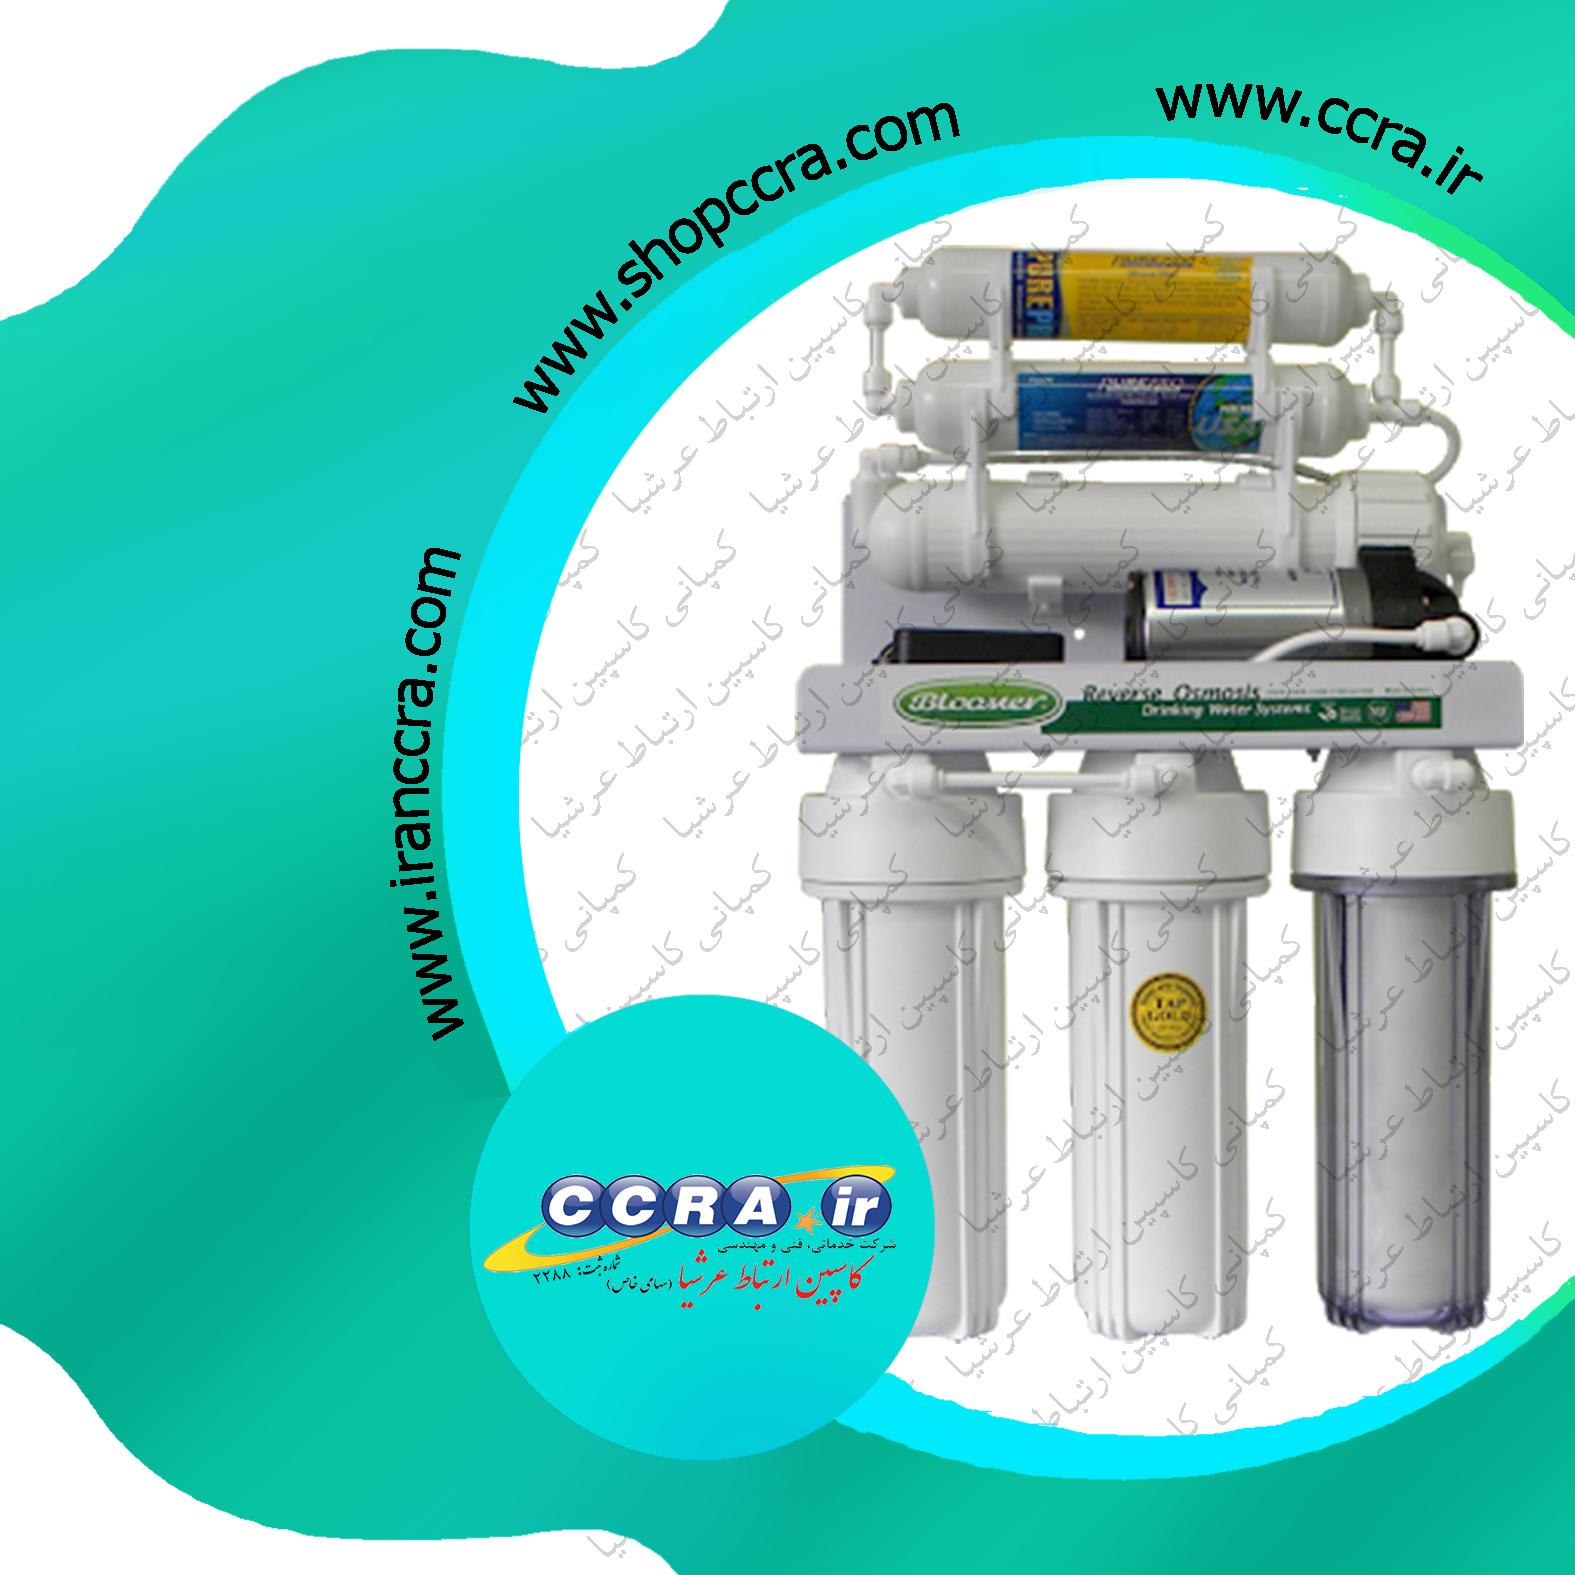 ظرفیت تولید آب از دستگاه های تصفیه آب خانگی پیوری واتر